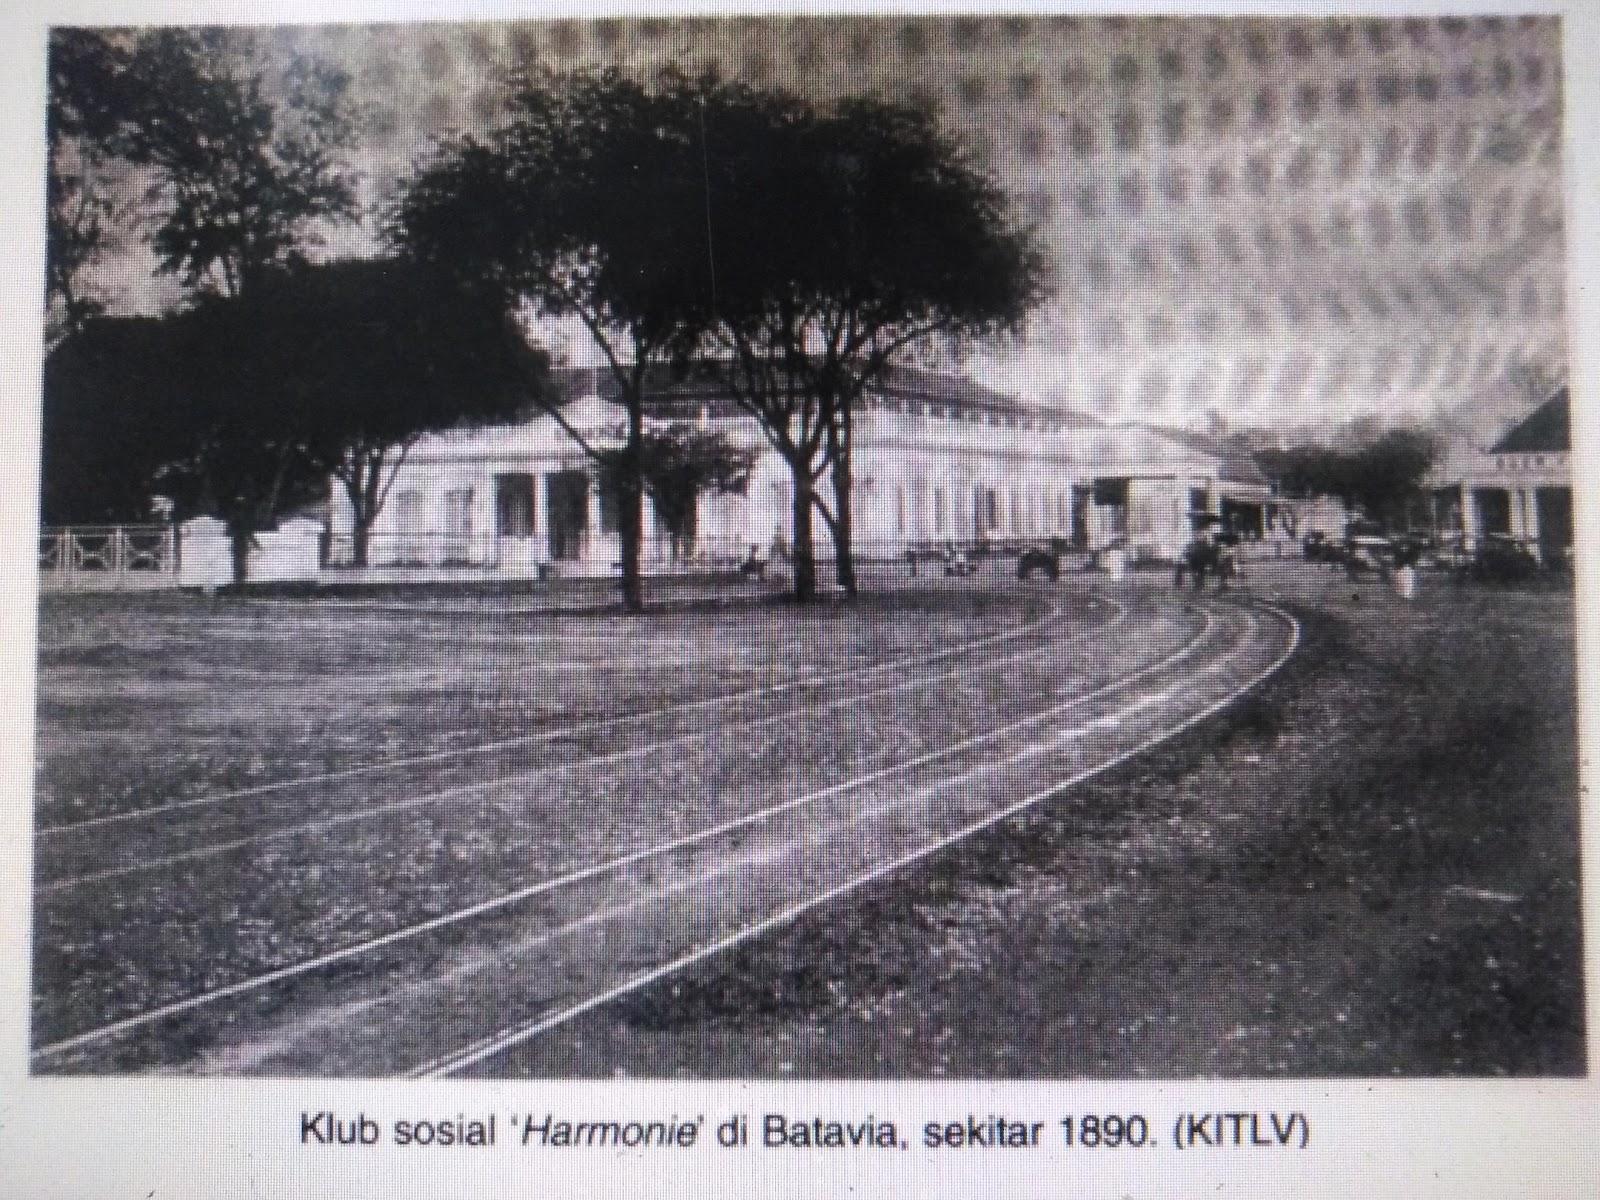 dokumentasi alun-alun di masa kolonial menjadi ruang publik bagi klub sosial di kota Batavia